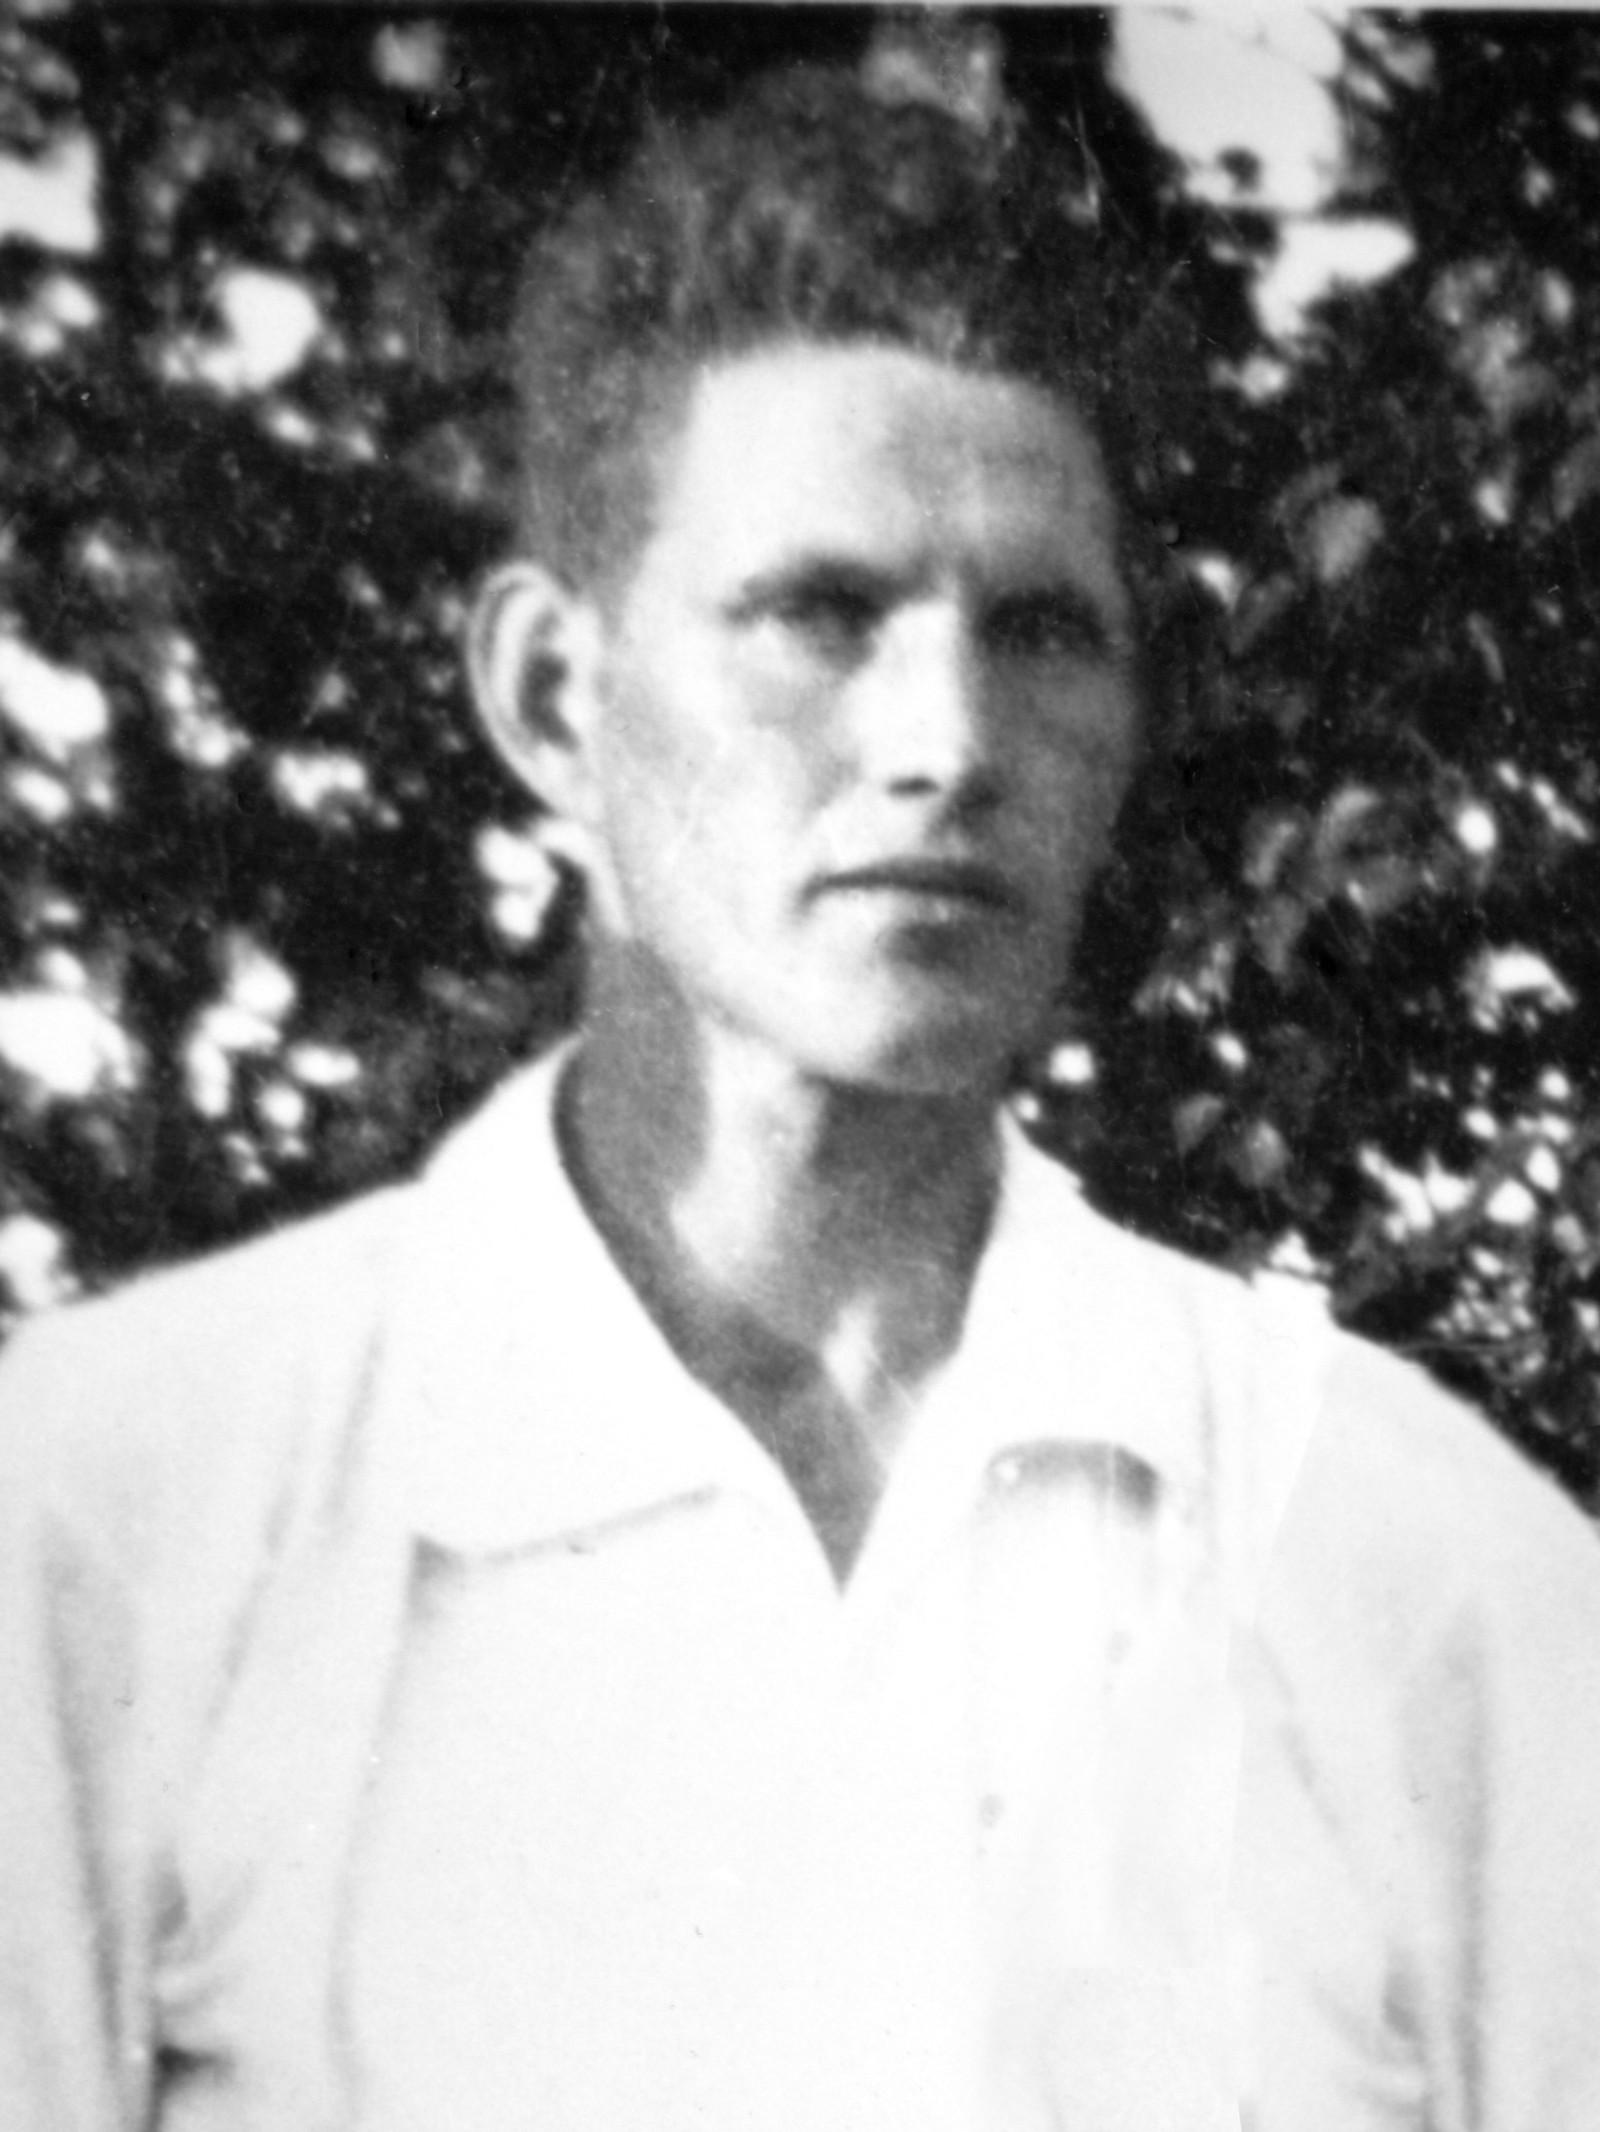 Kolbjørn Østhaug: Soldat, elektriker og skogsarbeider fra Åsnes. Møtte tilmobilsering, ble truffet av granatsplinter i magen og døde på fylkessjukehuset i Elverum.